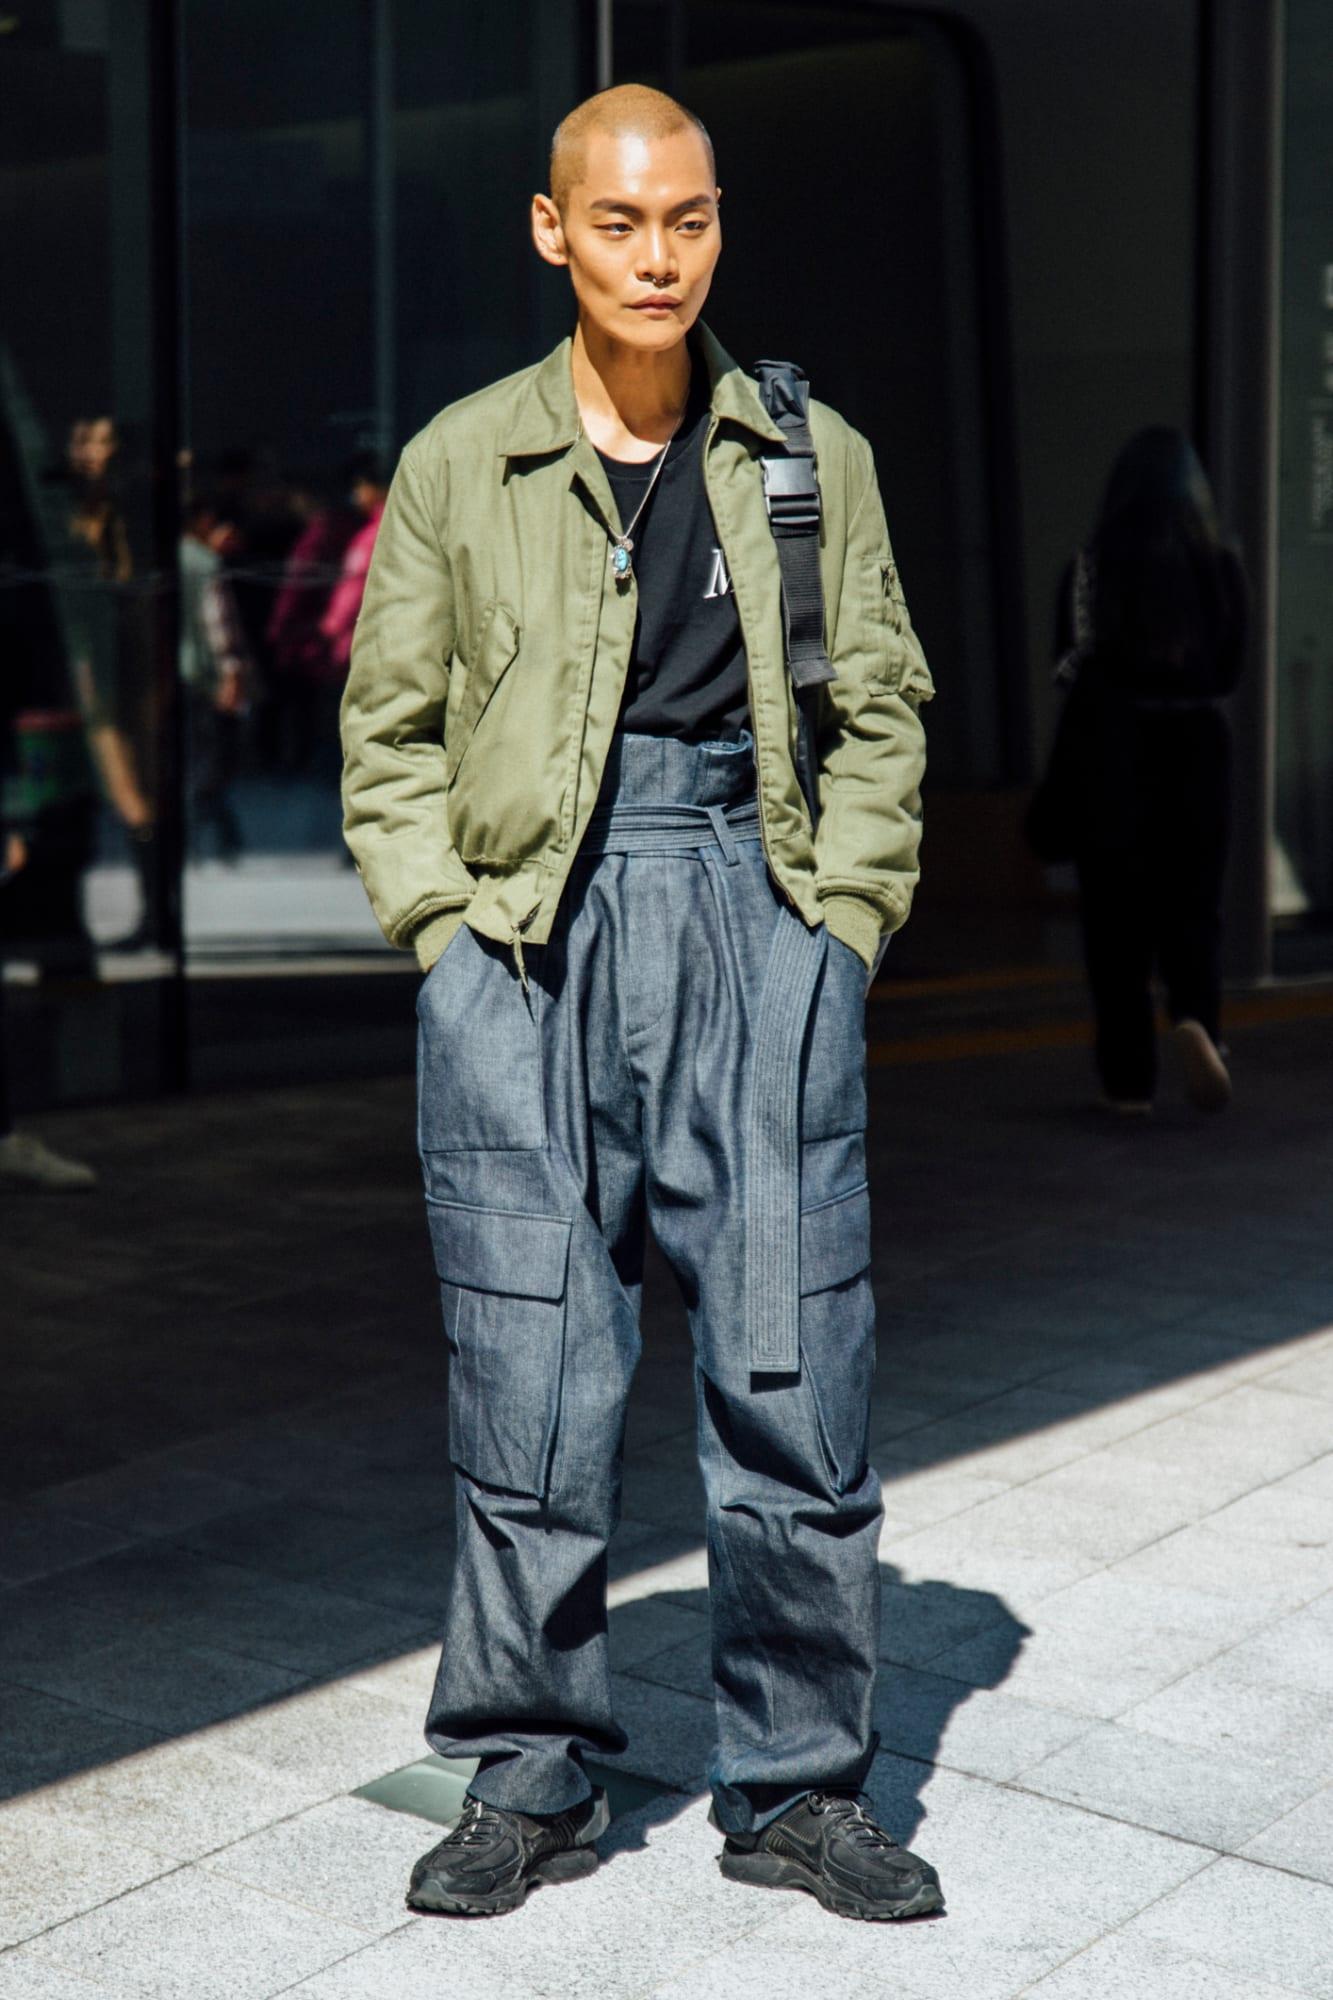 """Với phong cách tối giản """"mix"""" áo thun đen cơ bản cùng một áo khoác Field Jacket cách điệu gam màu xanh pastel và chiếc quần túi hộp ống rộng vô cùng mới lạ. Tuy đơn giản nhưng vẫn tạo được sức hút vô cùng lớn"""